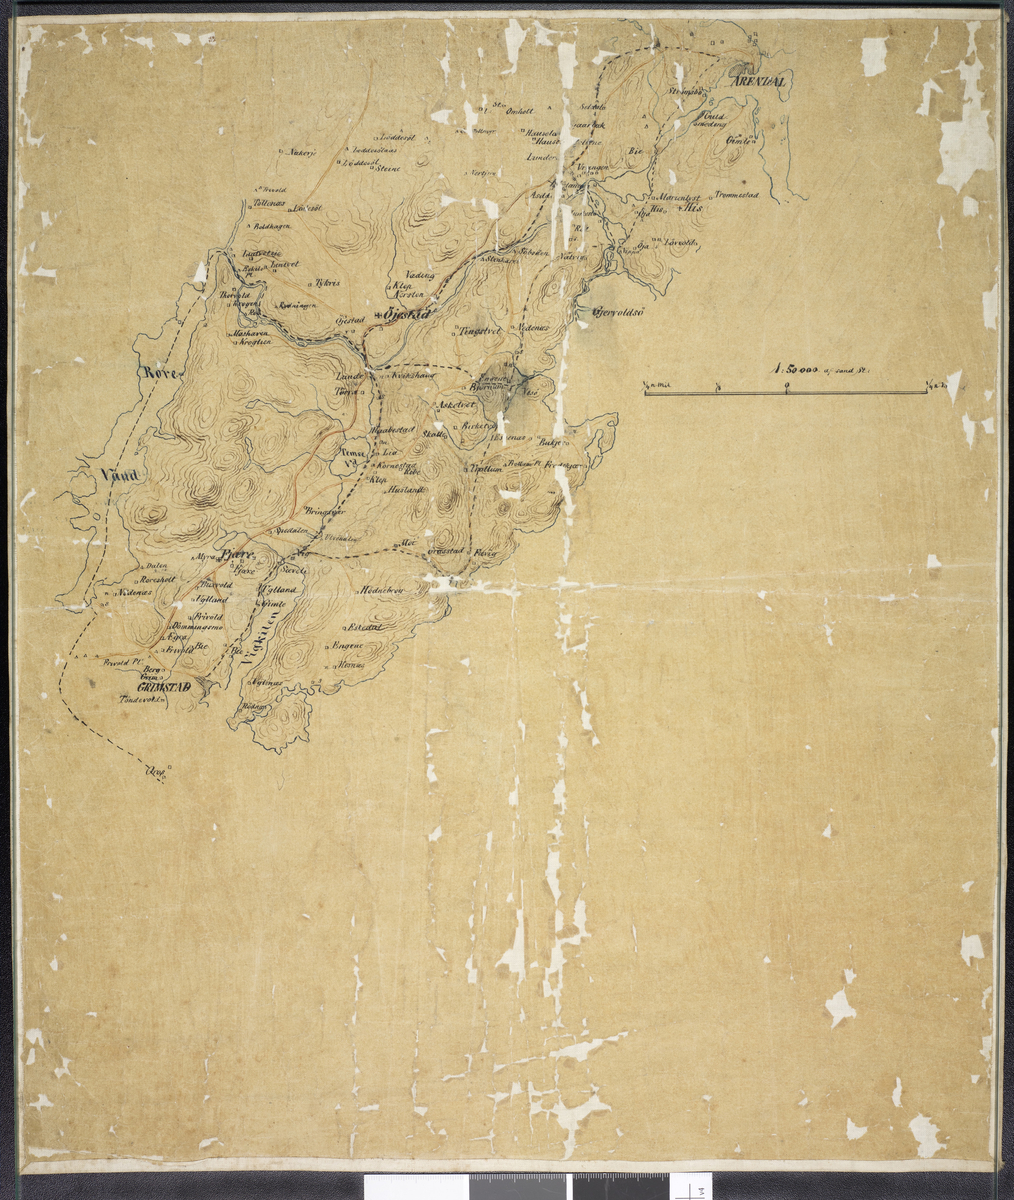 Kart over Fjære og Øyestad